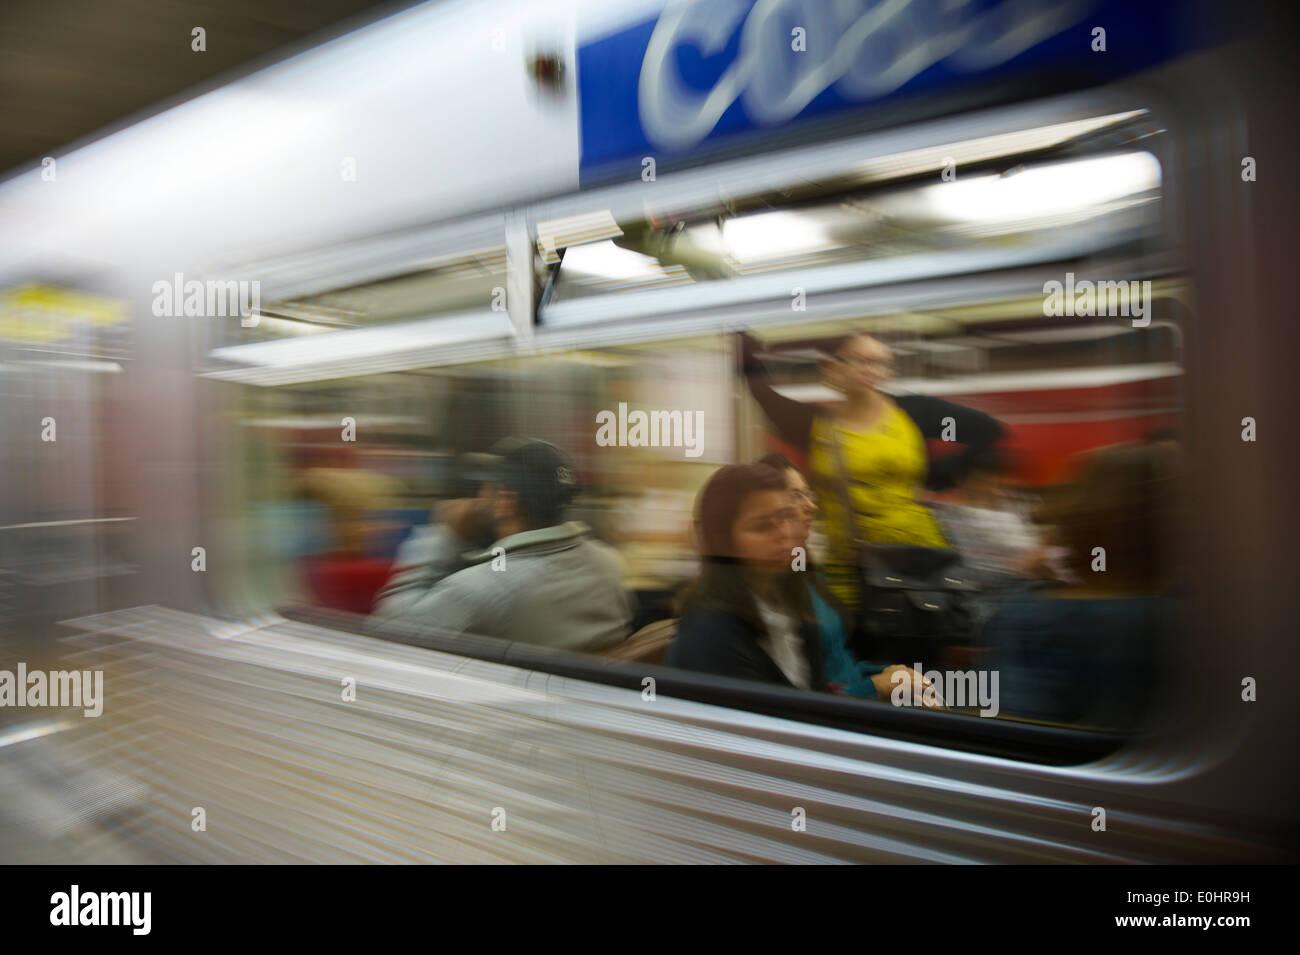 SAO PAULO, BRÉSIL - 28 septembre 2013: les navetteurs ride le Metropolitano de São Paulo, qui transporte plus de 7 millions de passagers. Photo Stock